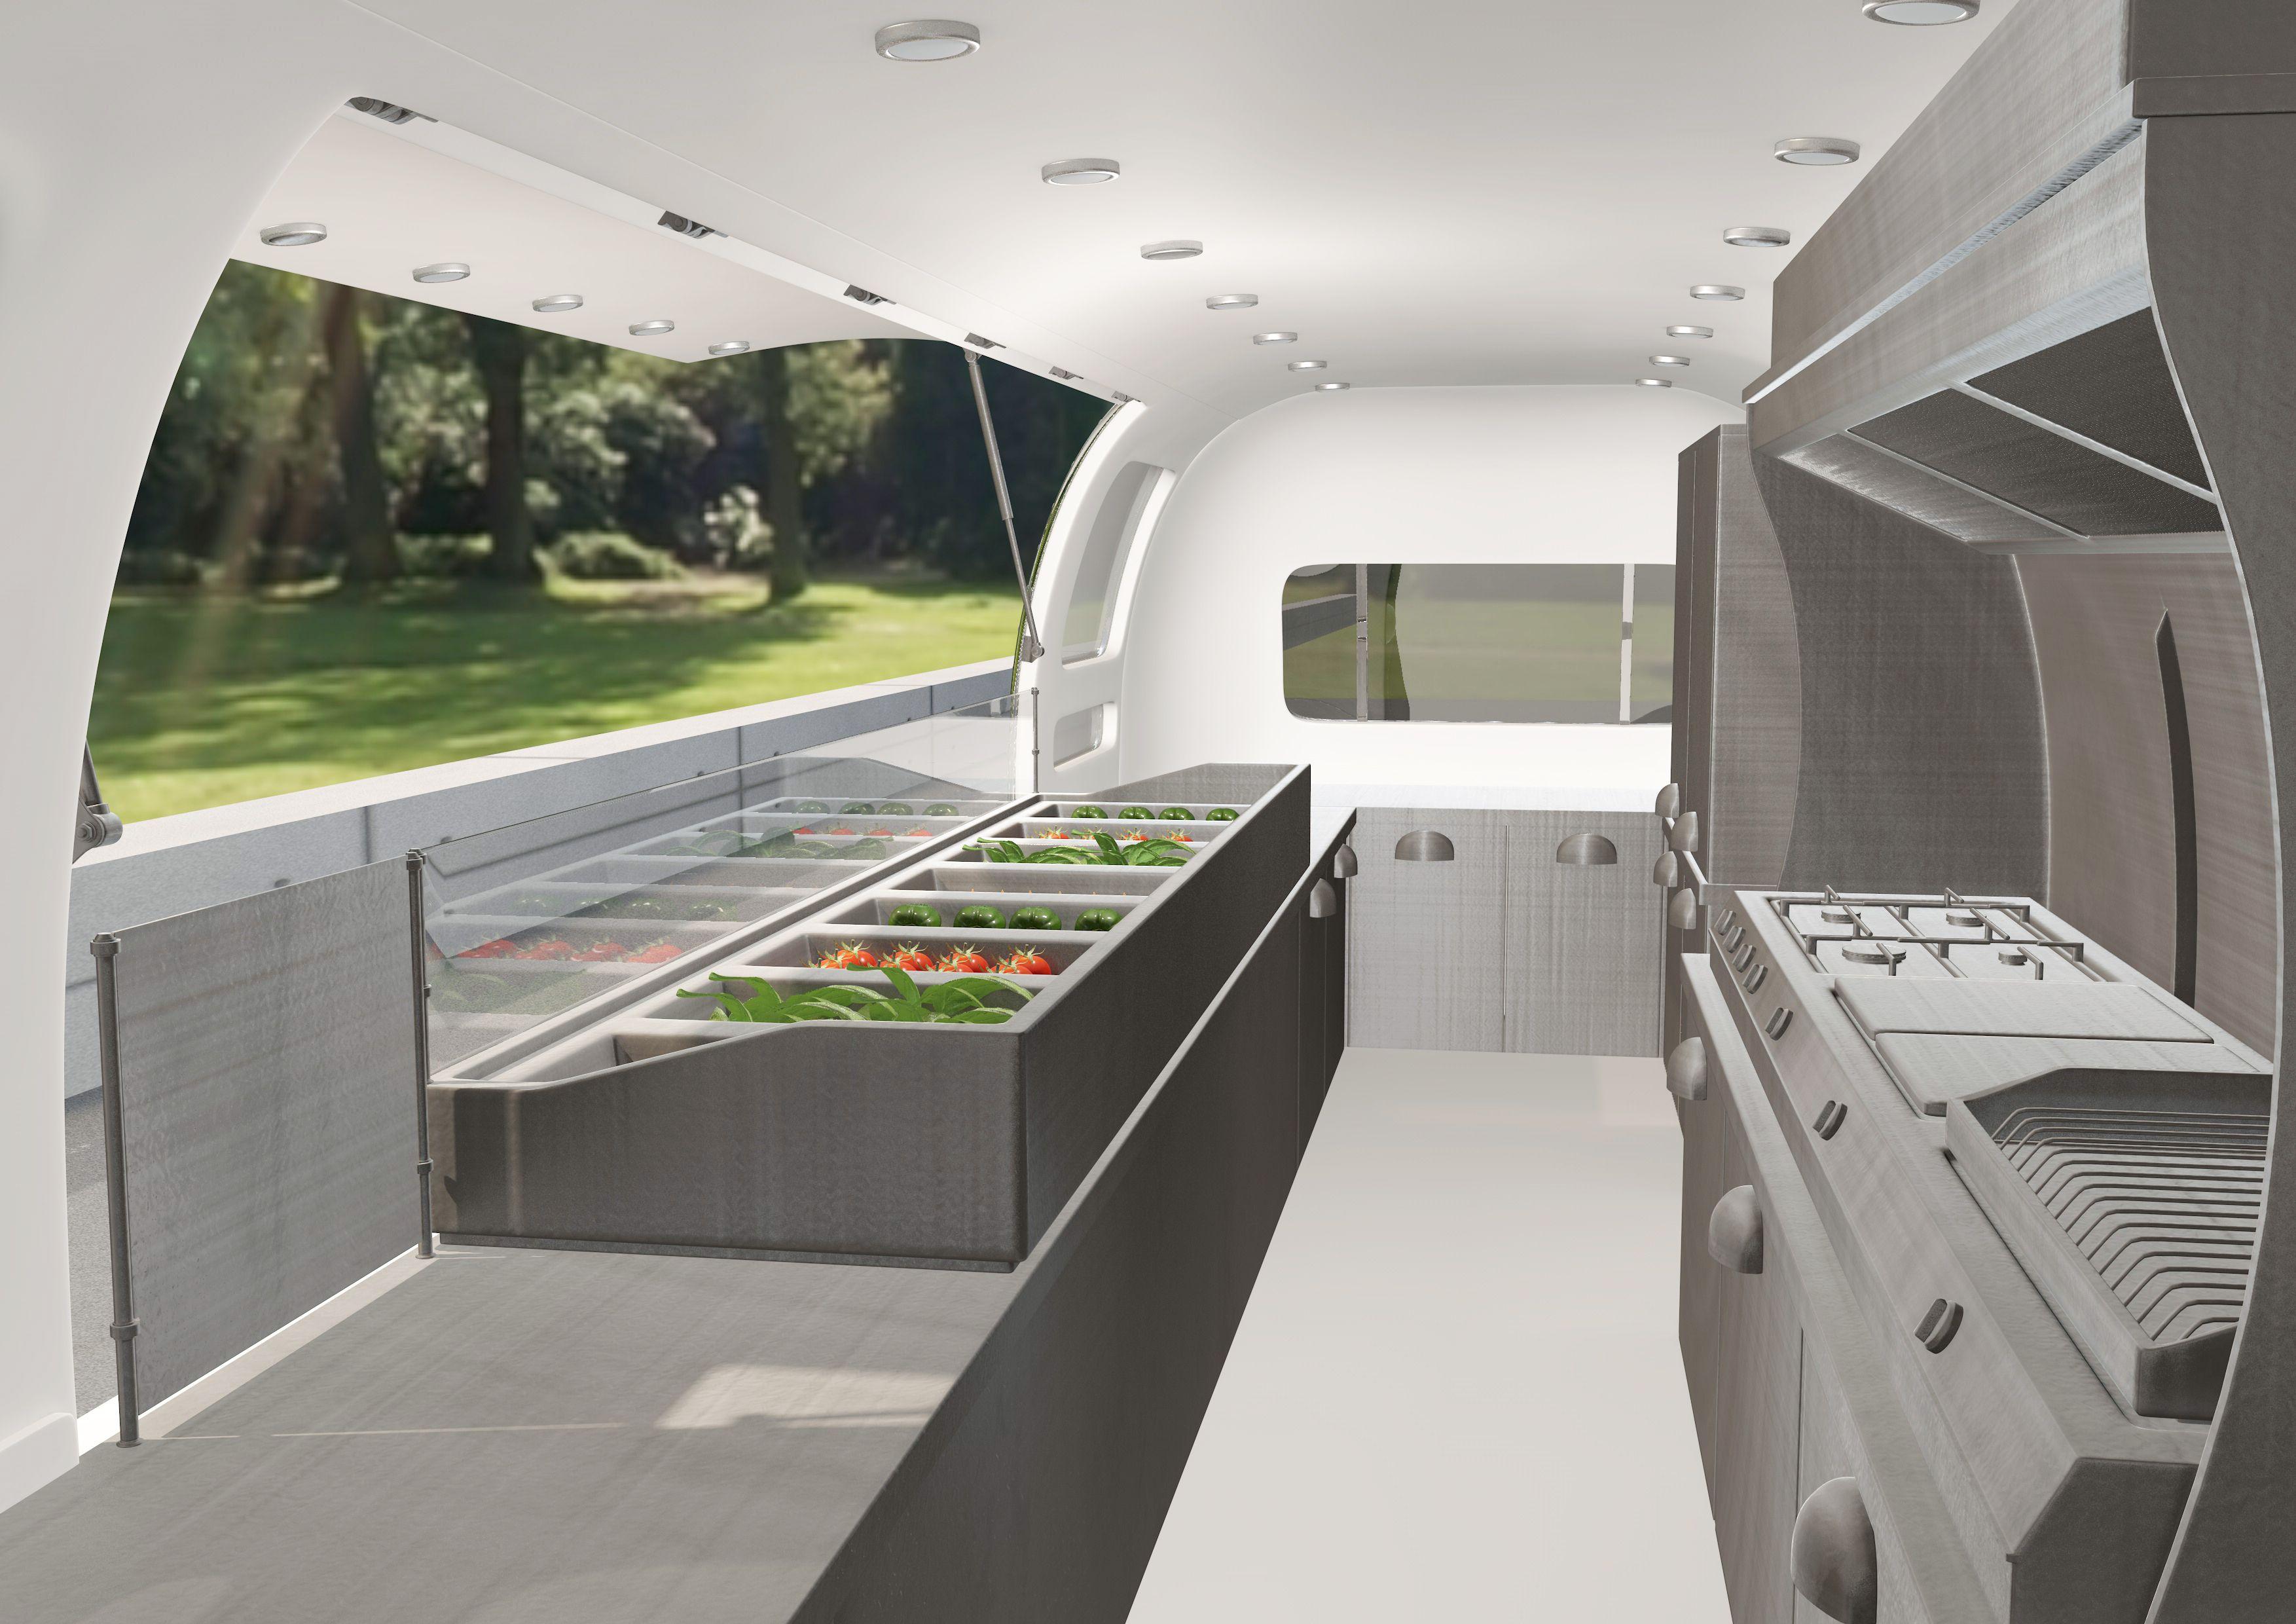 professionell ausgestattete gastro küche | architektur